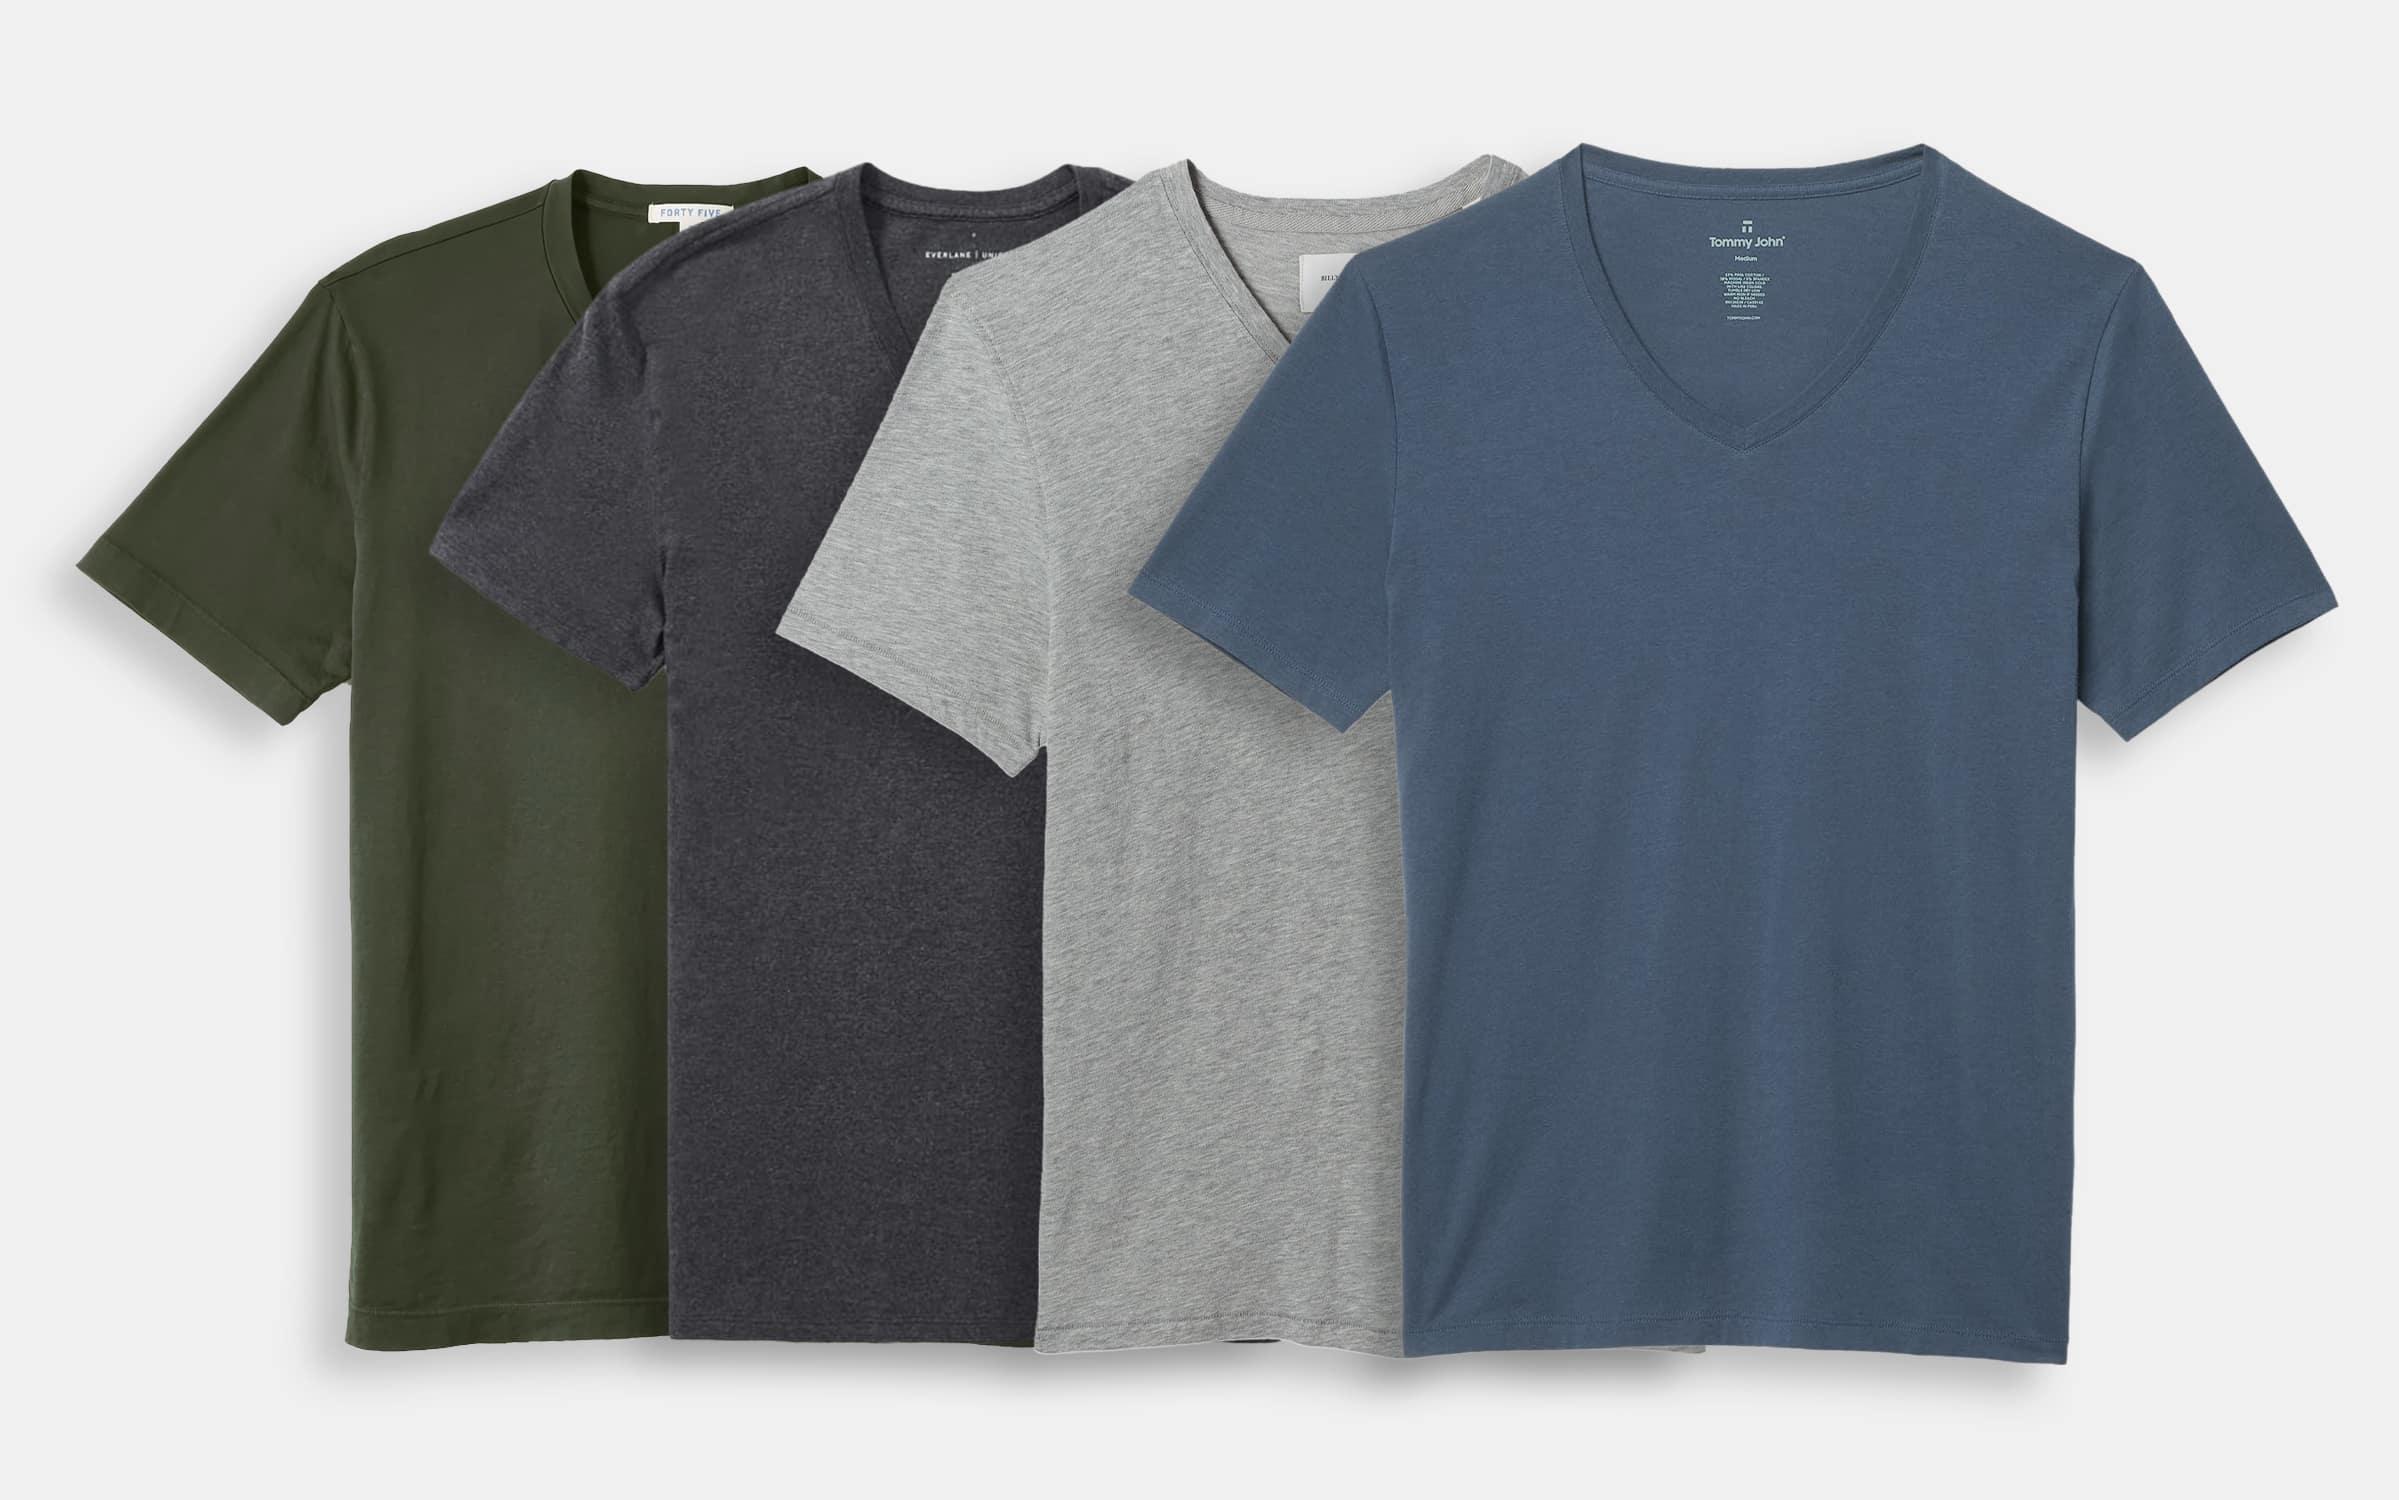 Best V-Neck Shirts